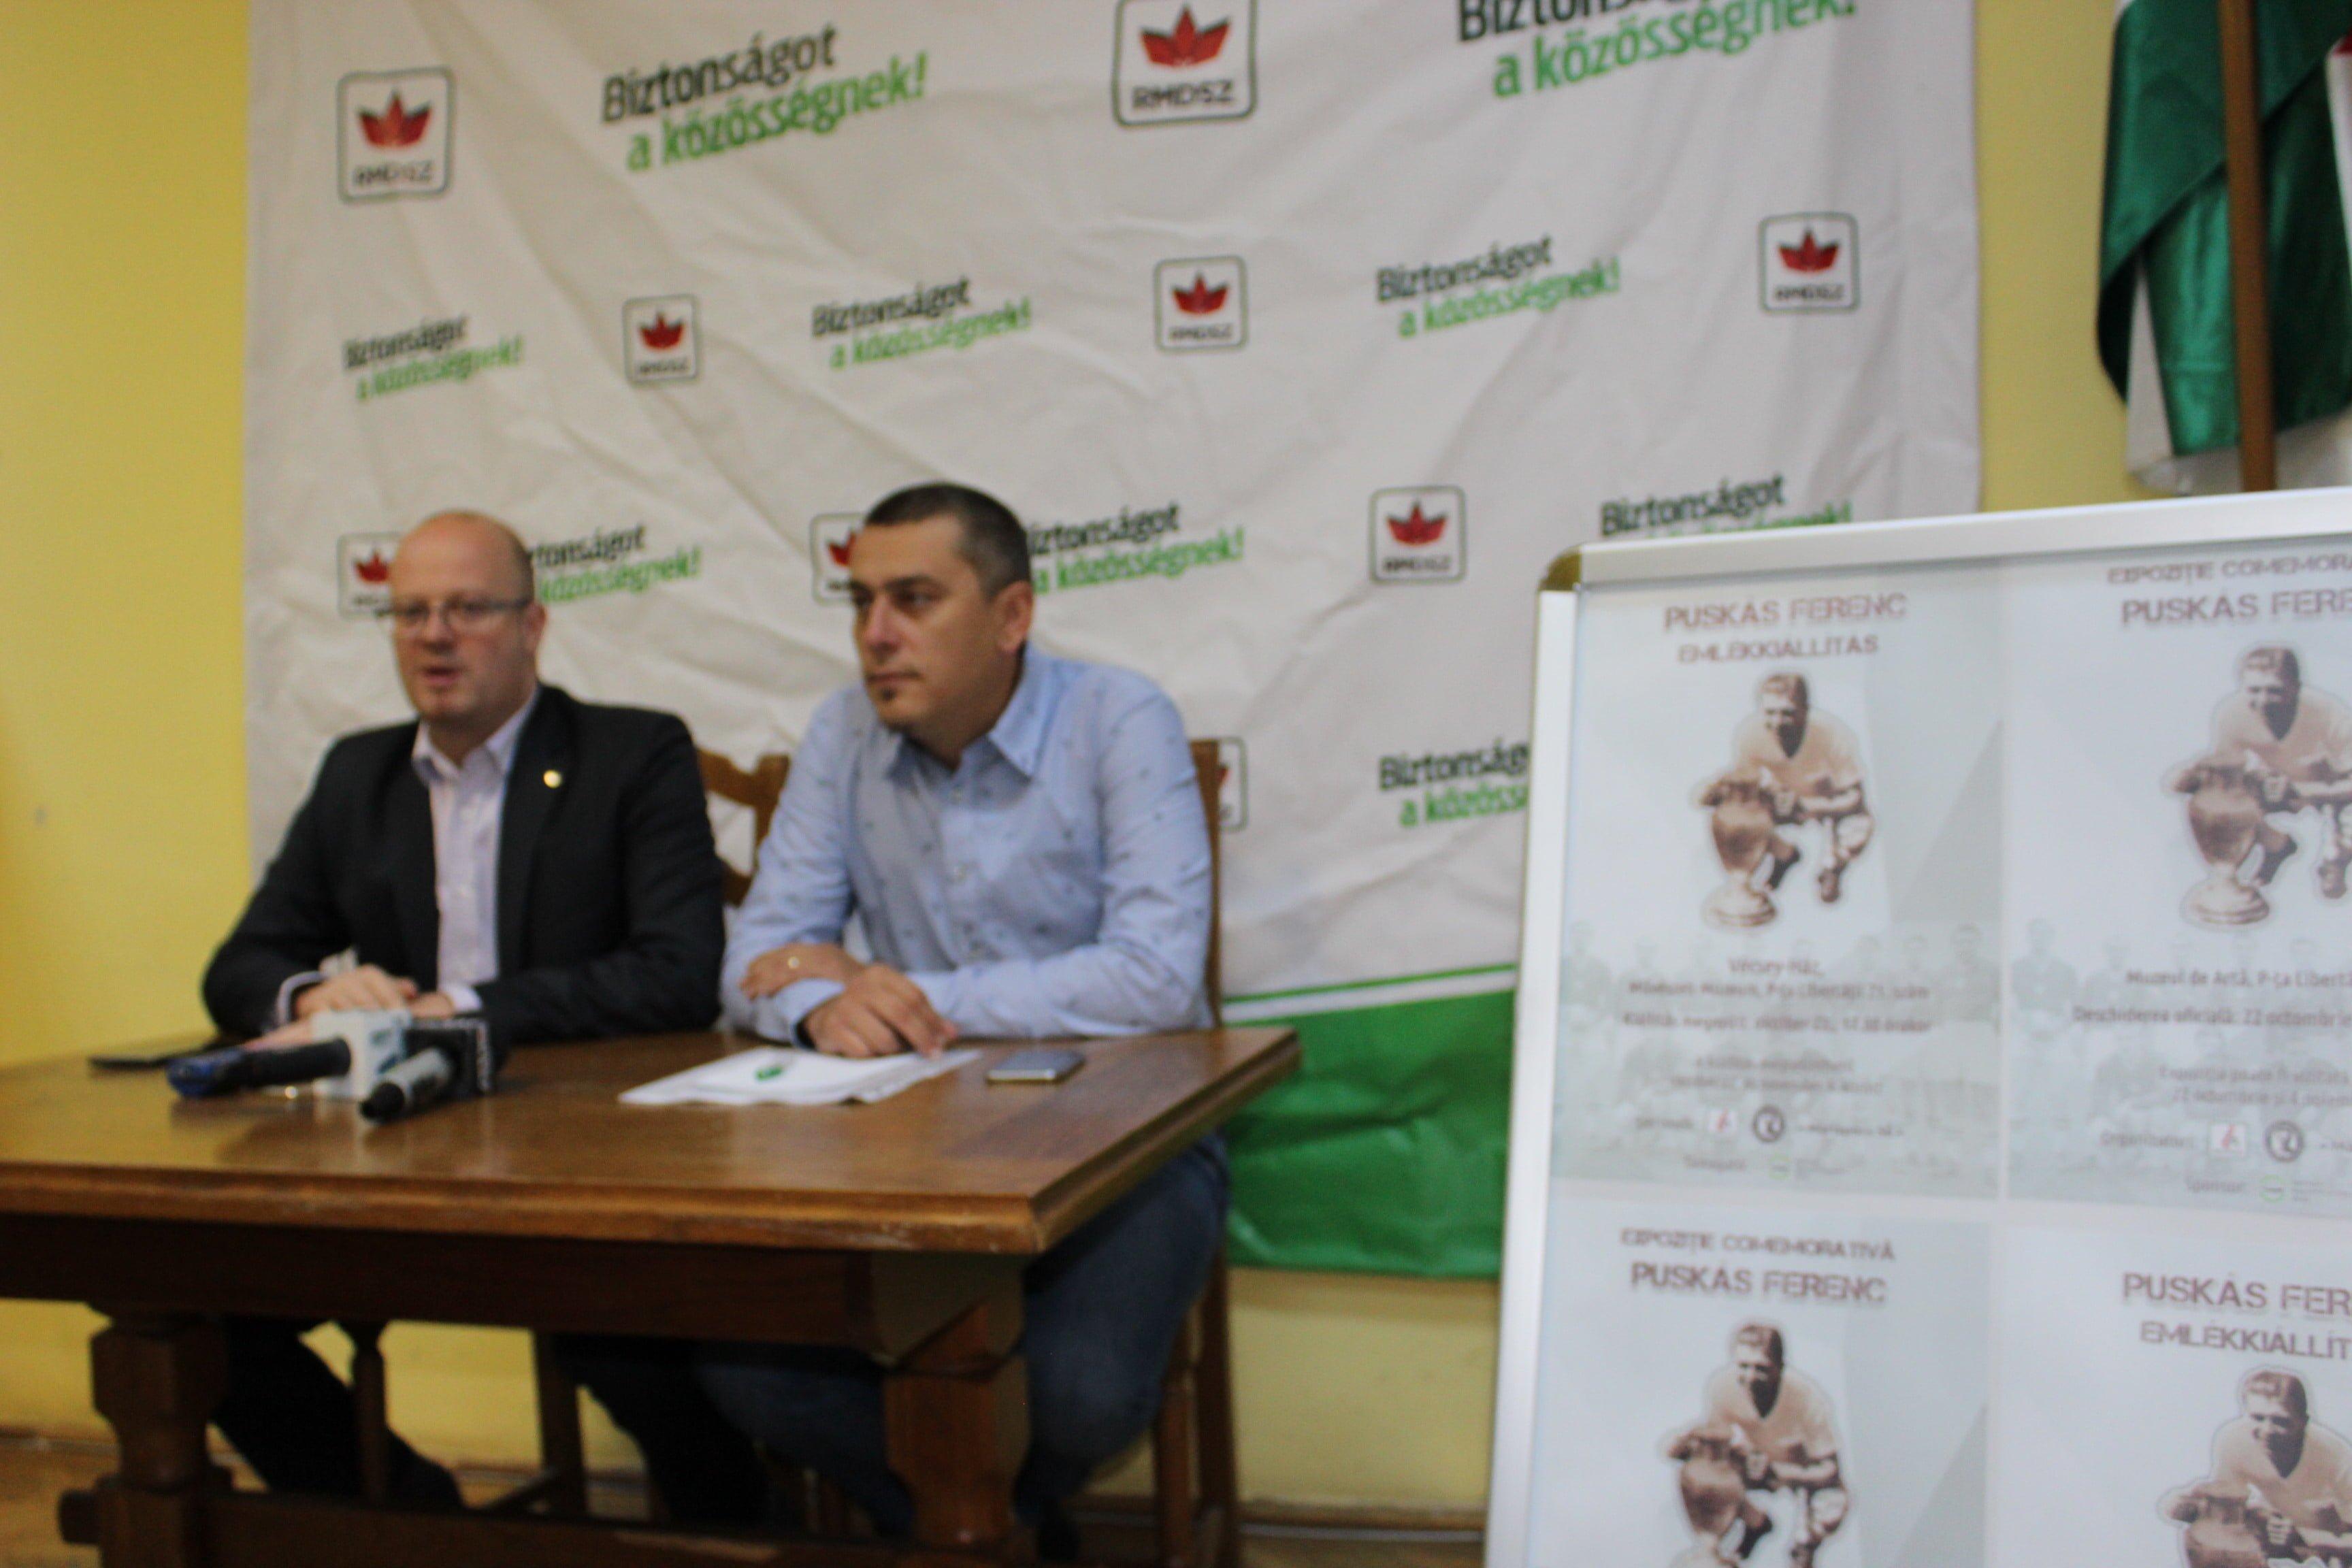 UDMR aduce la Satu Mare expoziția comemorativă dedicată fotbalistului Puskás Ferencs